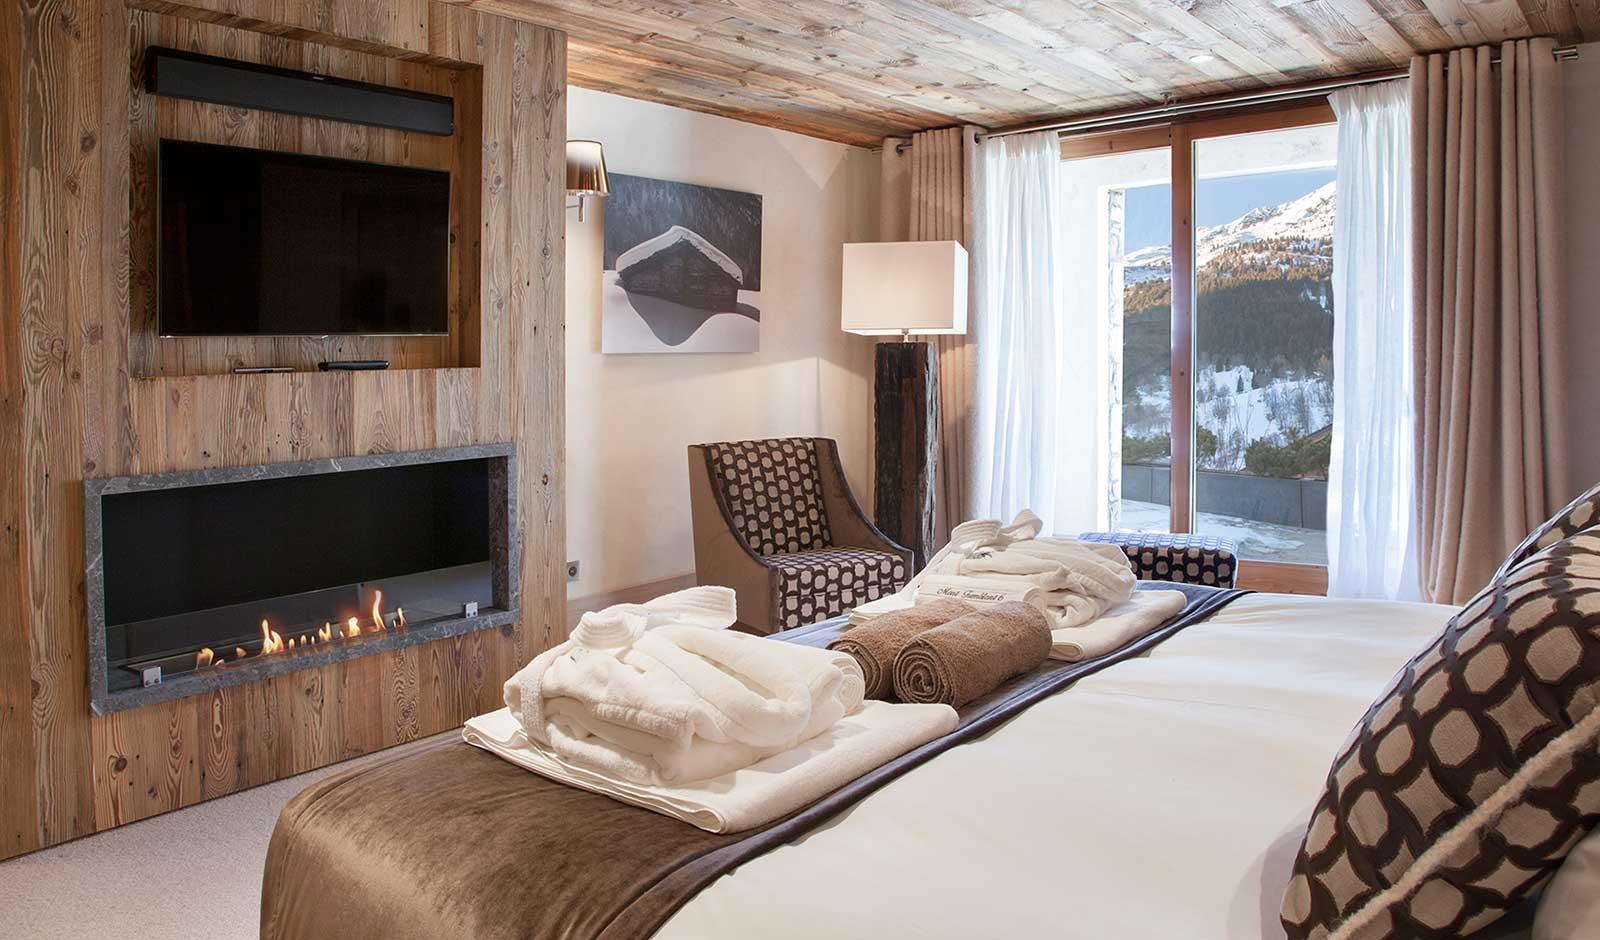 chalet-mont-tremblant-1-atelier-crea-and-co-architecte-design-project-manager-meribel-savoie